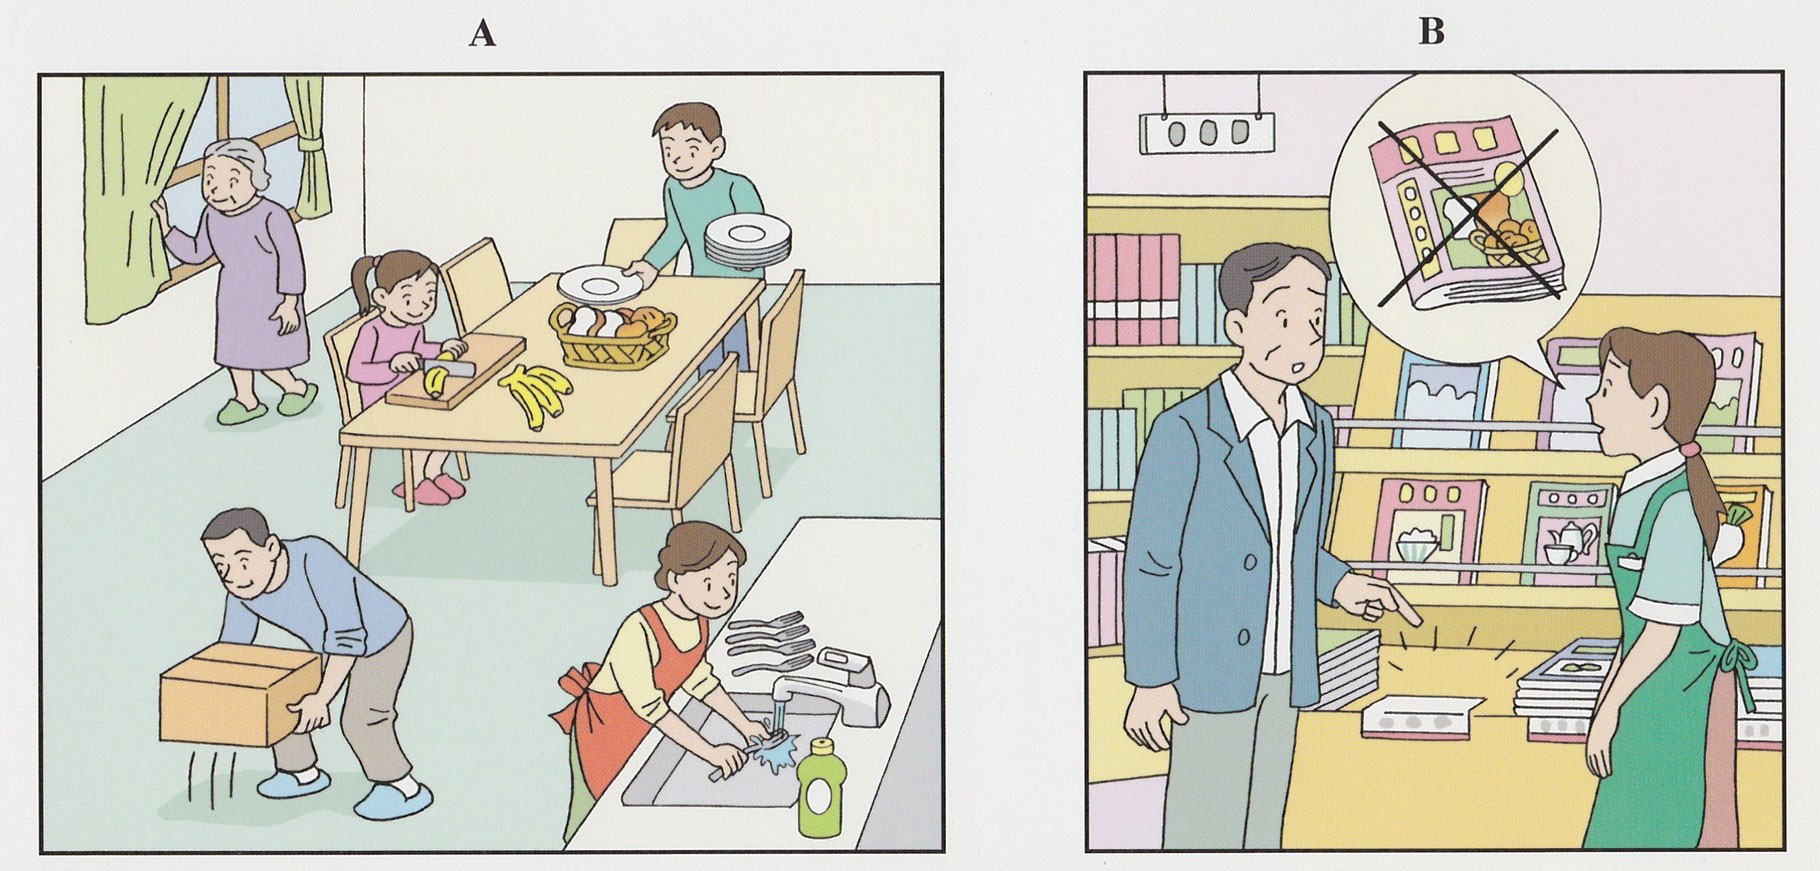 英 検 3 級 クイズ